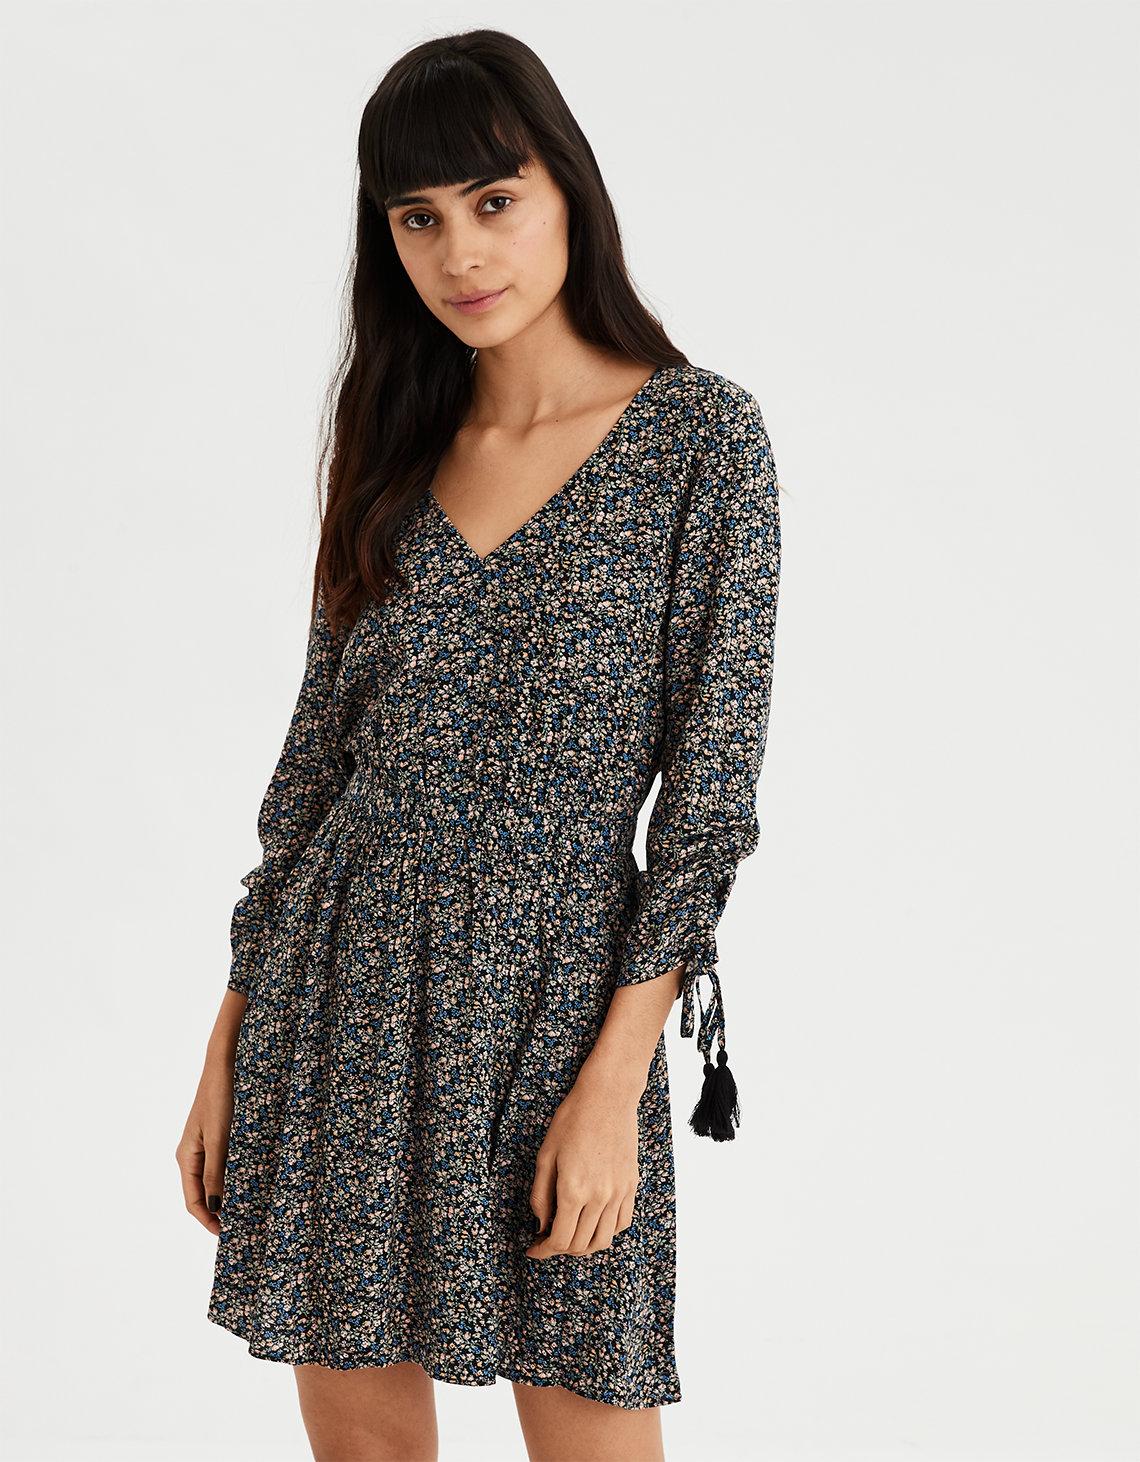 da7f60845c6 AE V-Neck Shift Dress. Placeholder image. Product Image